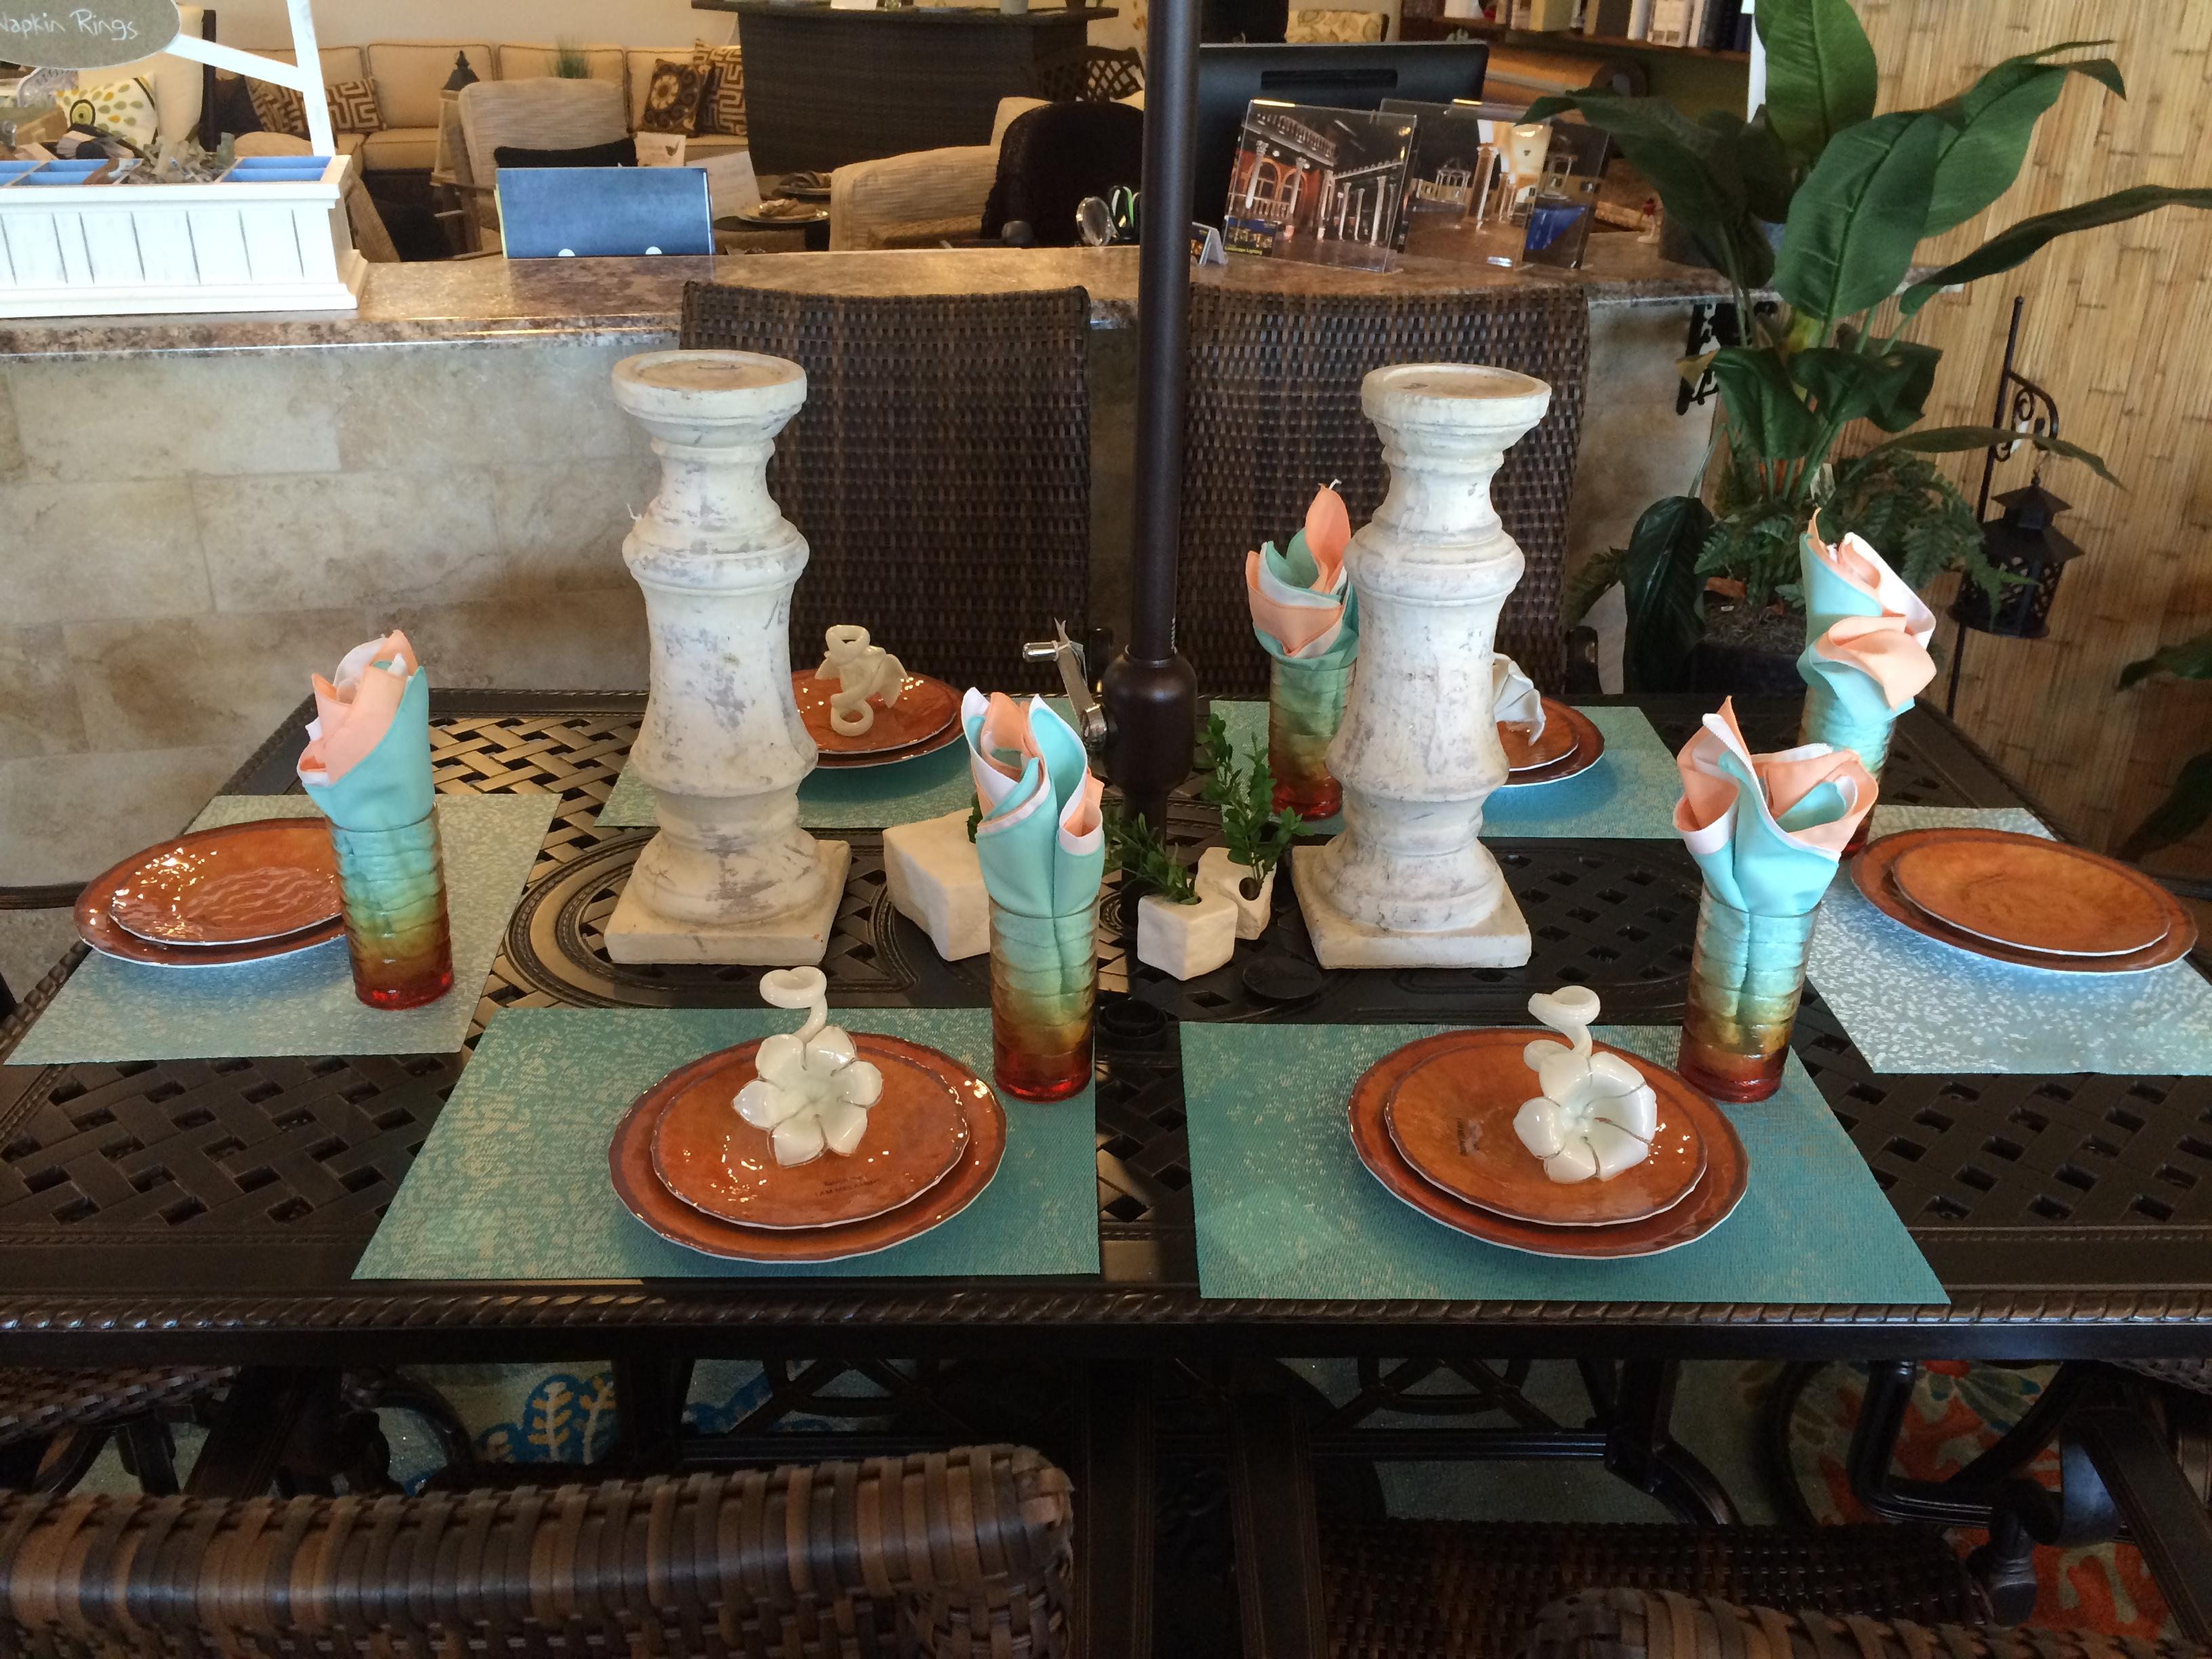 Outdoor Decor Store, Inc., Naples Florida (FL) - LocalDatabase.com